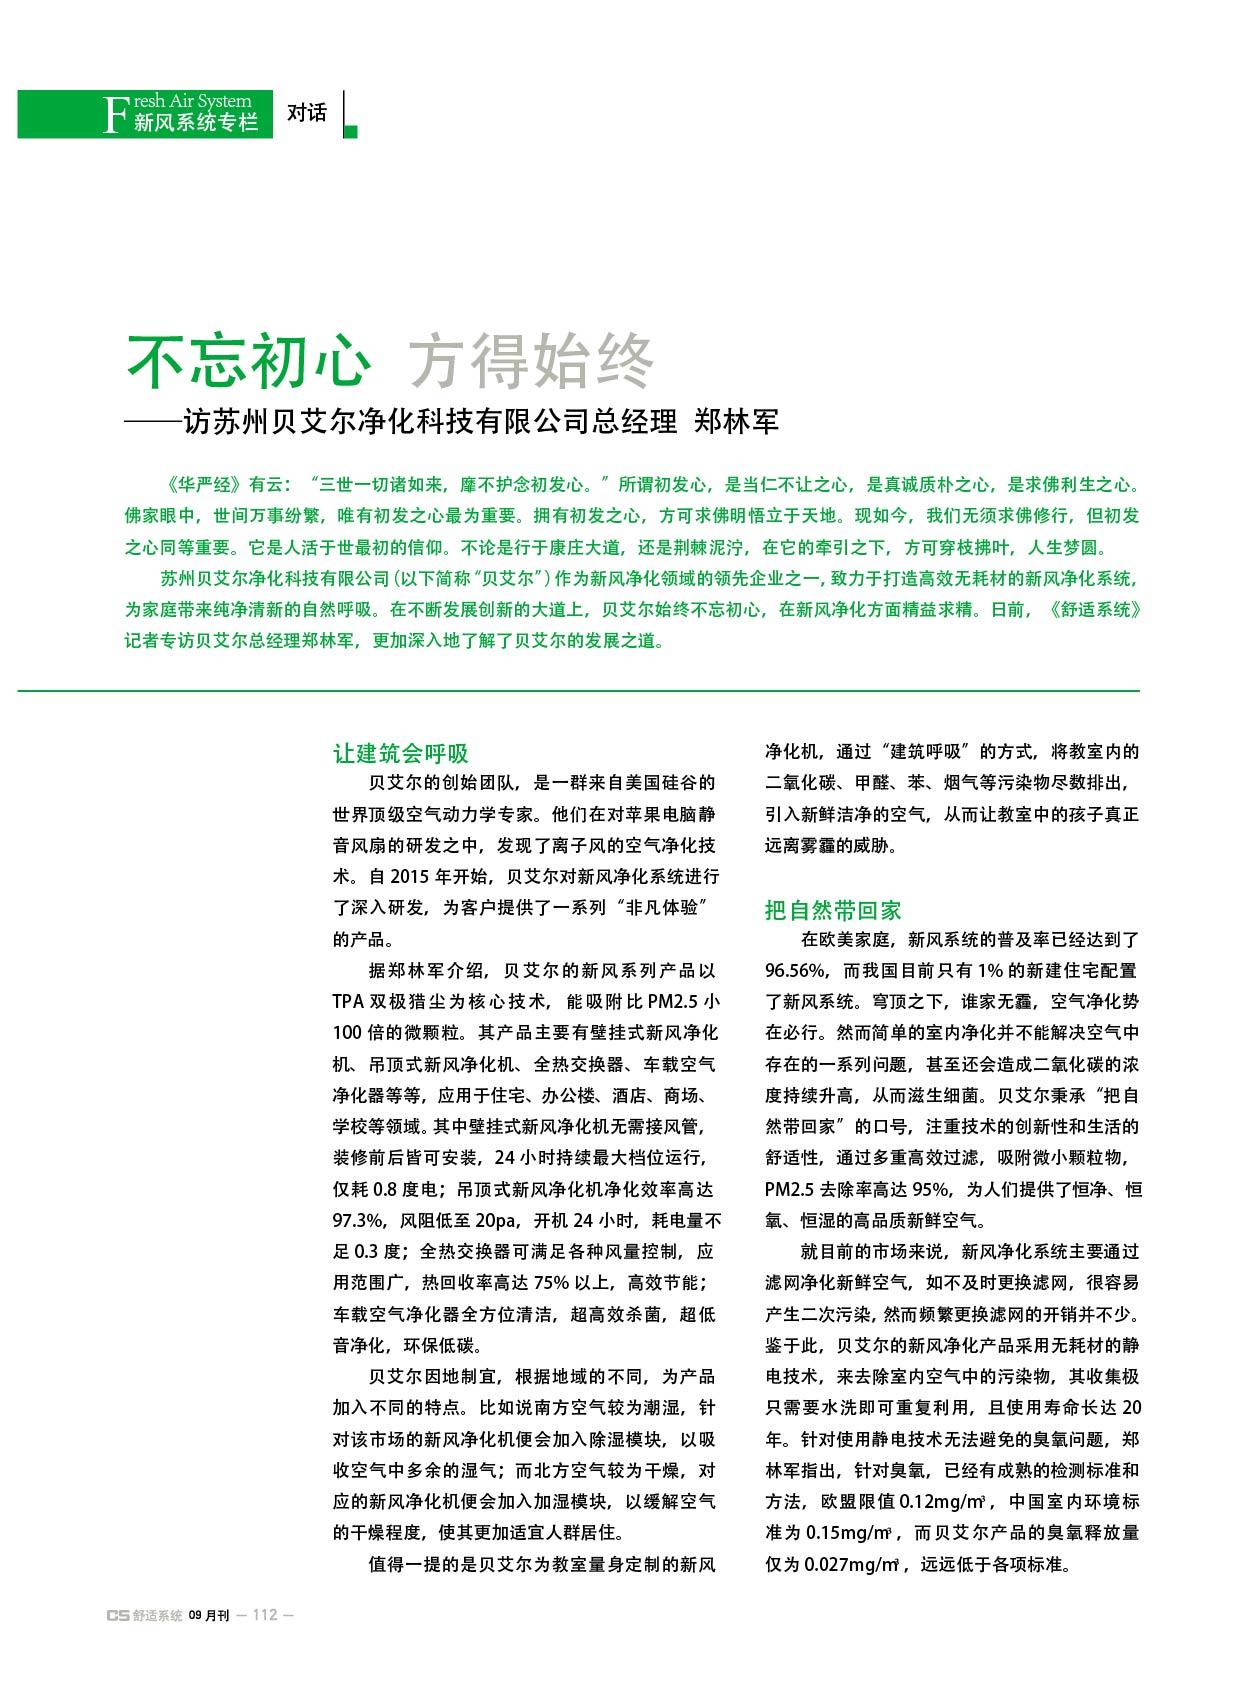 杂志专访| CS舒适家居对话贝艾尔总经理郑林军